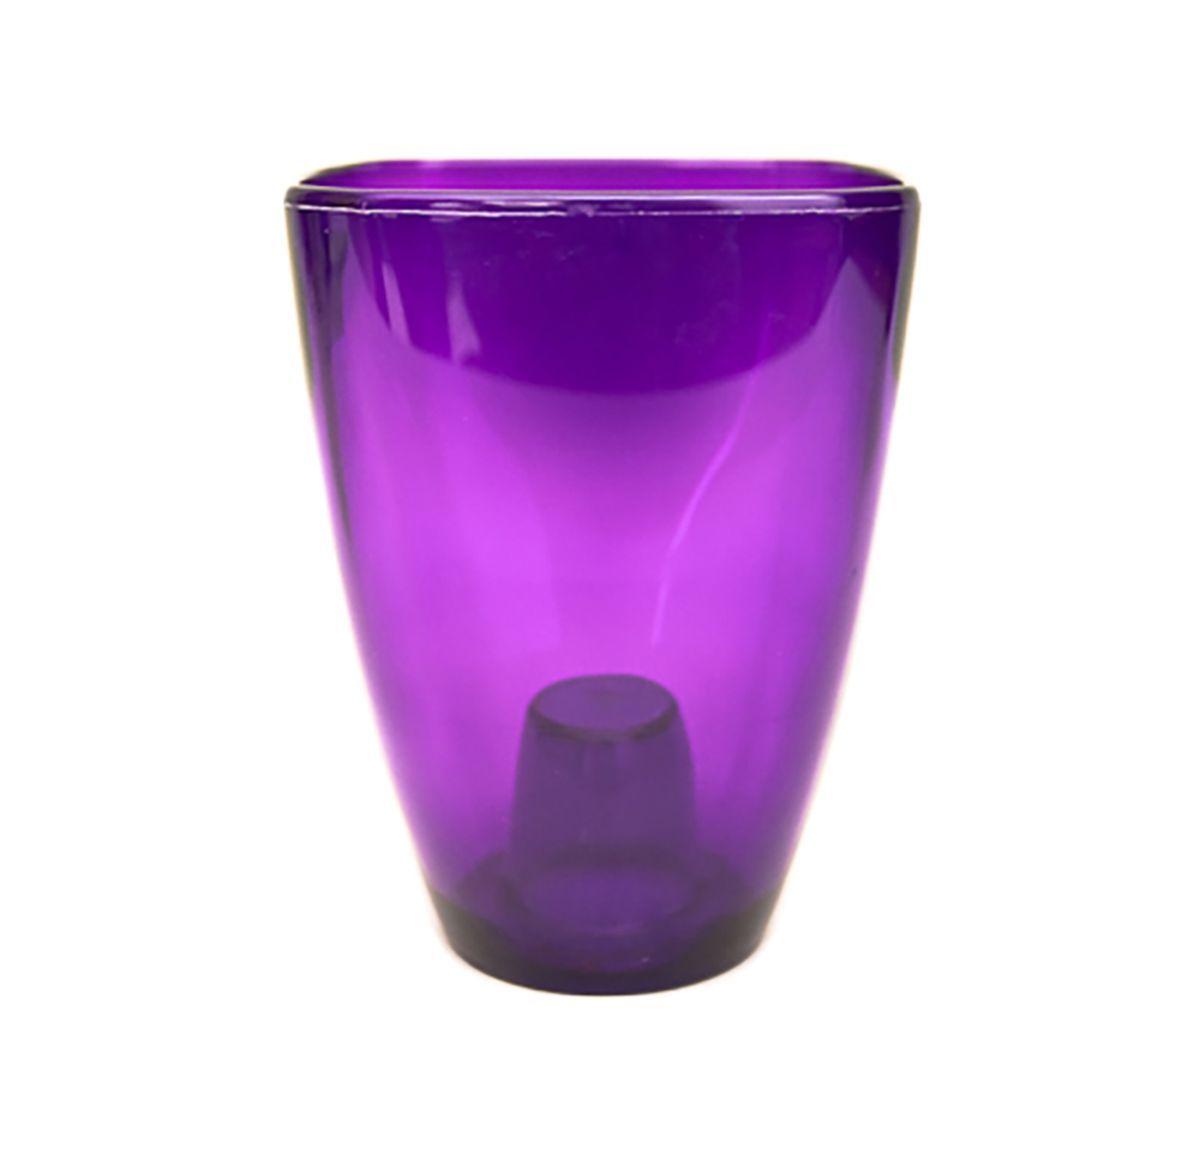 Кашпо для орхидей Form-Plastic Орхидея, цвет: фиолетовый, 10 х 10 х 16,5 см5908255628176Кашпо для орхидей Form-Plastic выполнено из высококачественного пластика. Прозрачные стенки обеспечат достаточное количество света корням растения. Необычная форма и насыщенный цвет подчеркнут красоту цветка.